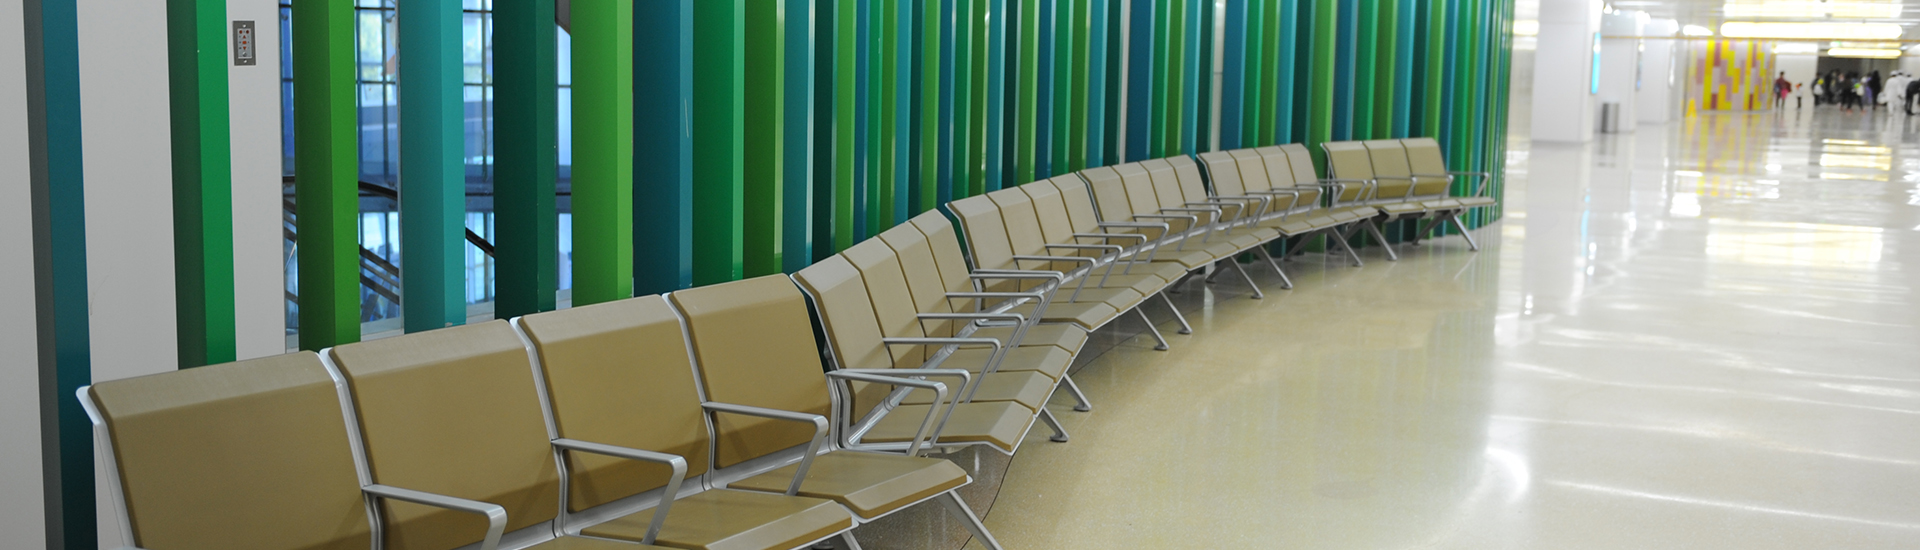 等候椅,机场椅